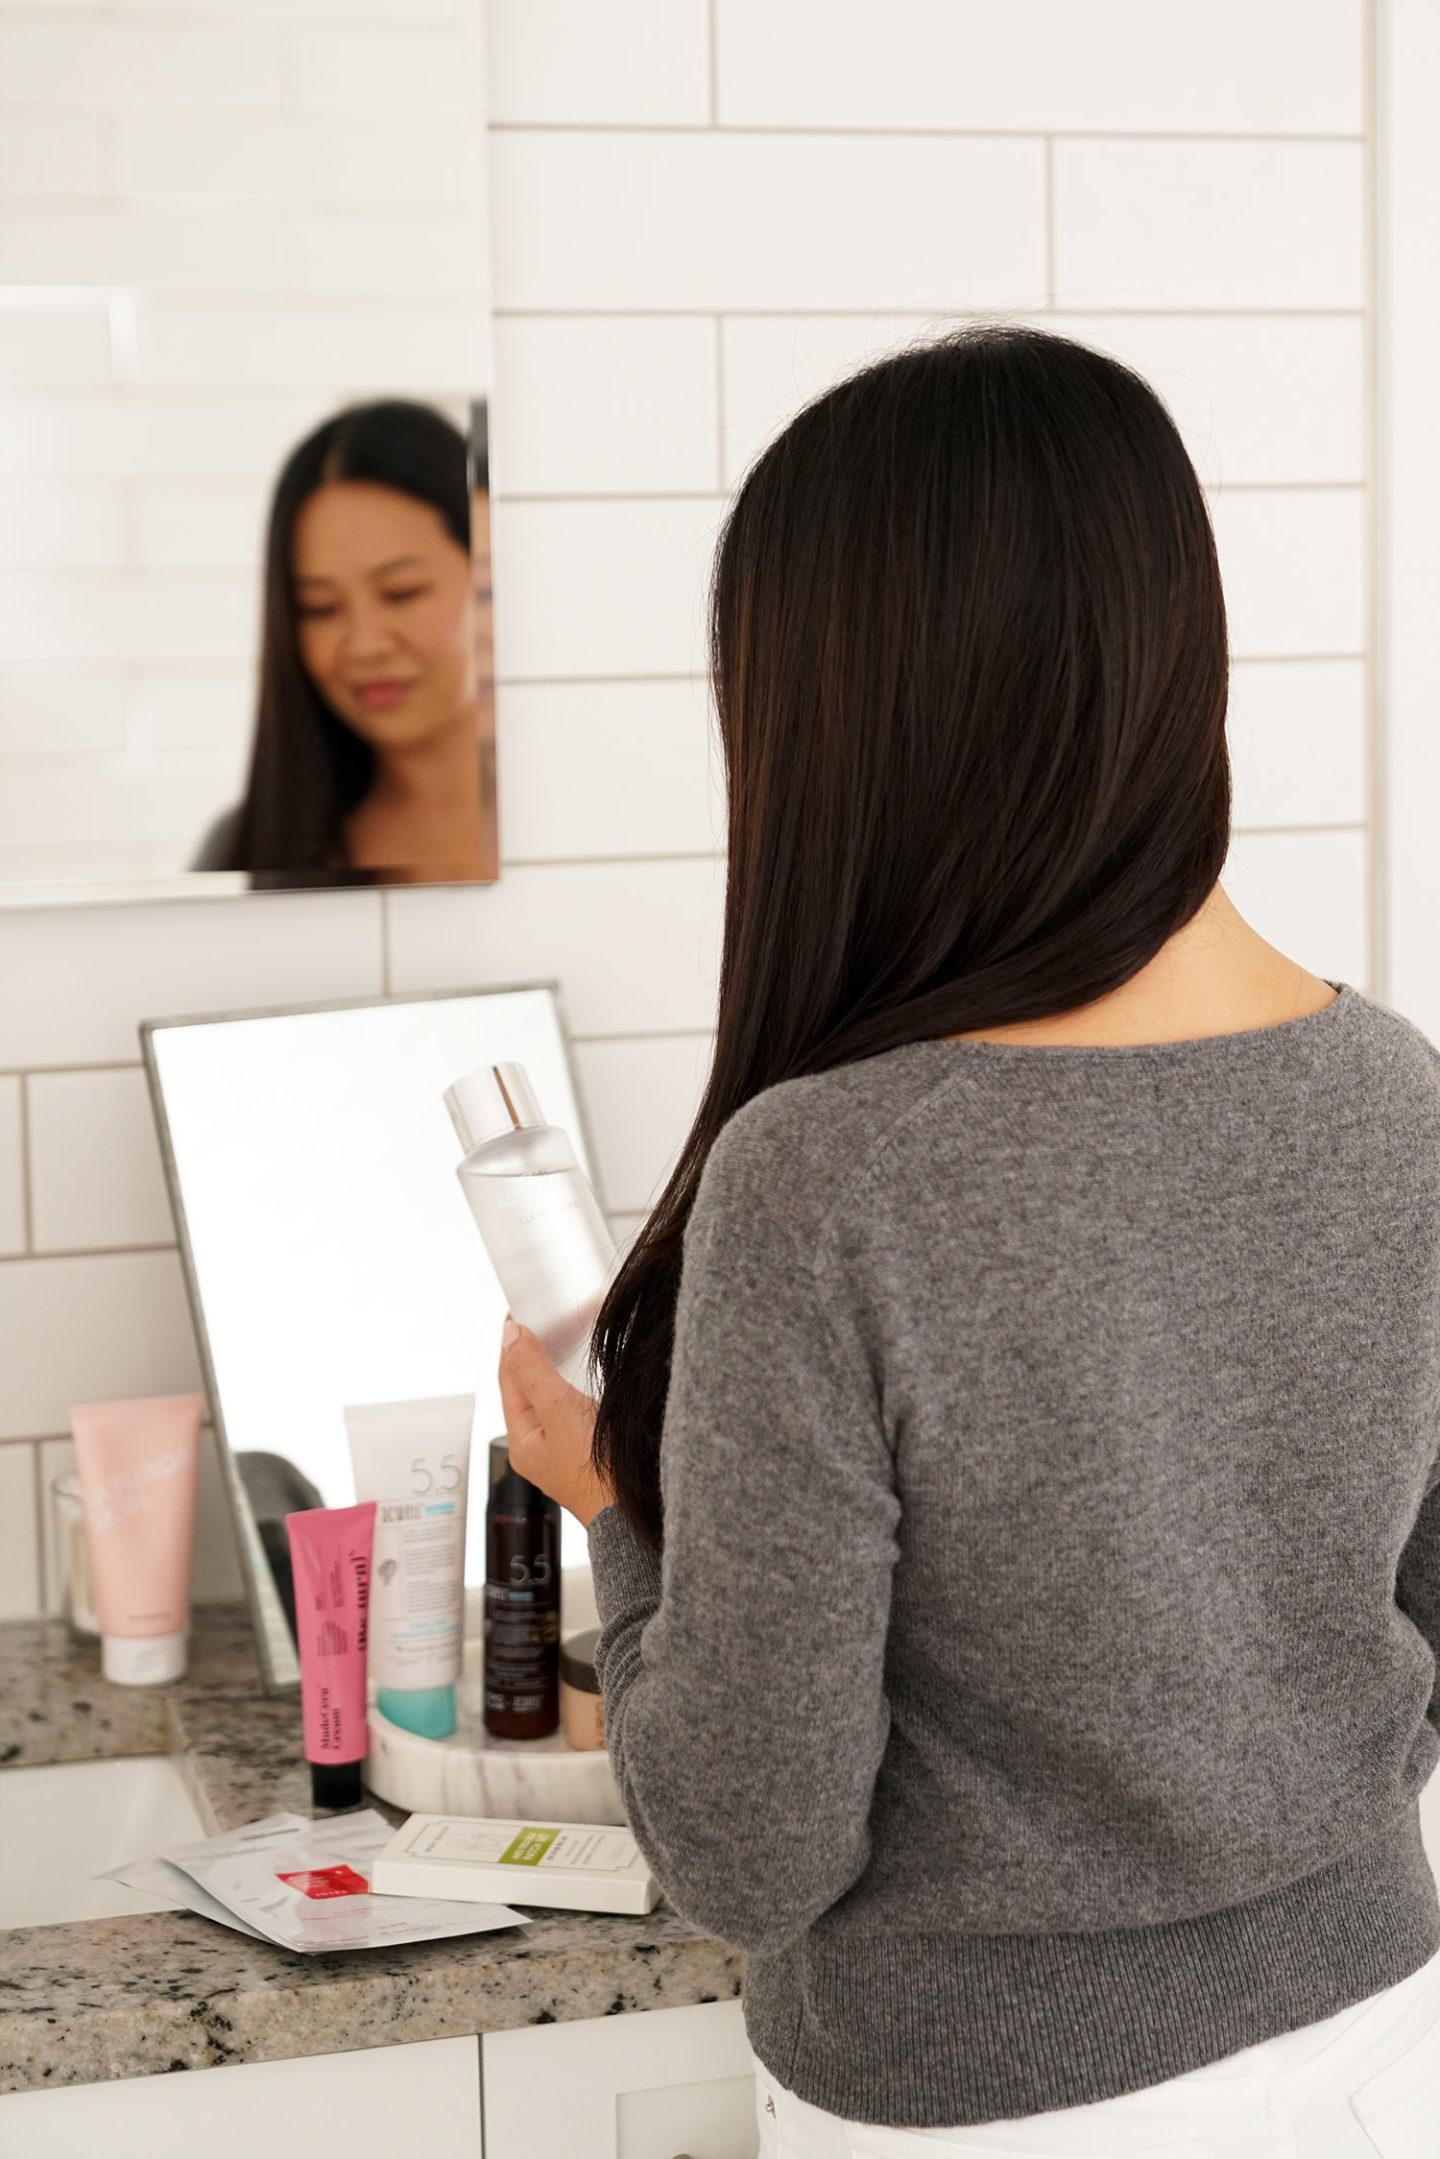 Ensemble de 5 étapes de routine de soin de la peau coréenne pour la peau normale